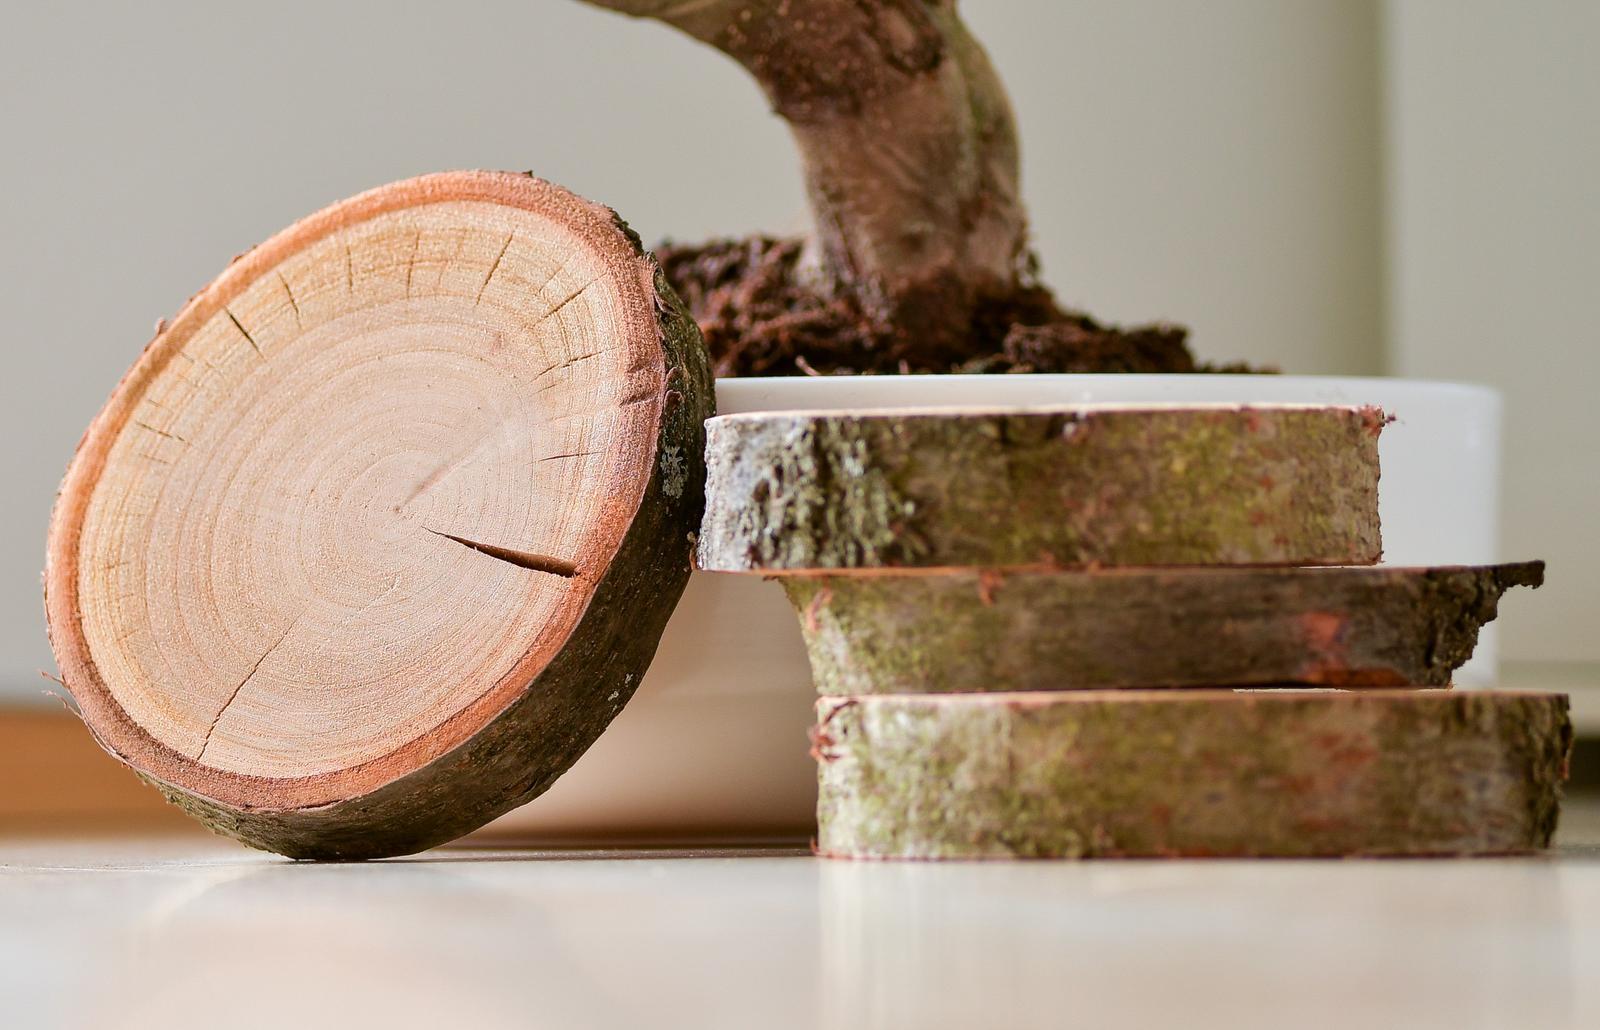 Kulatiny dřevo velké - Obrázek č. 1